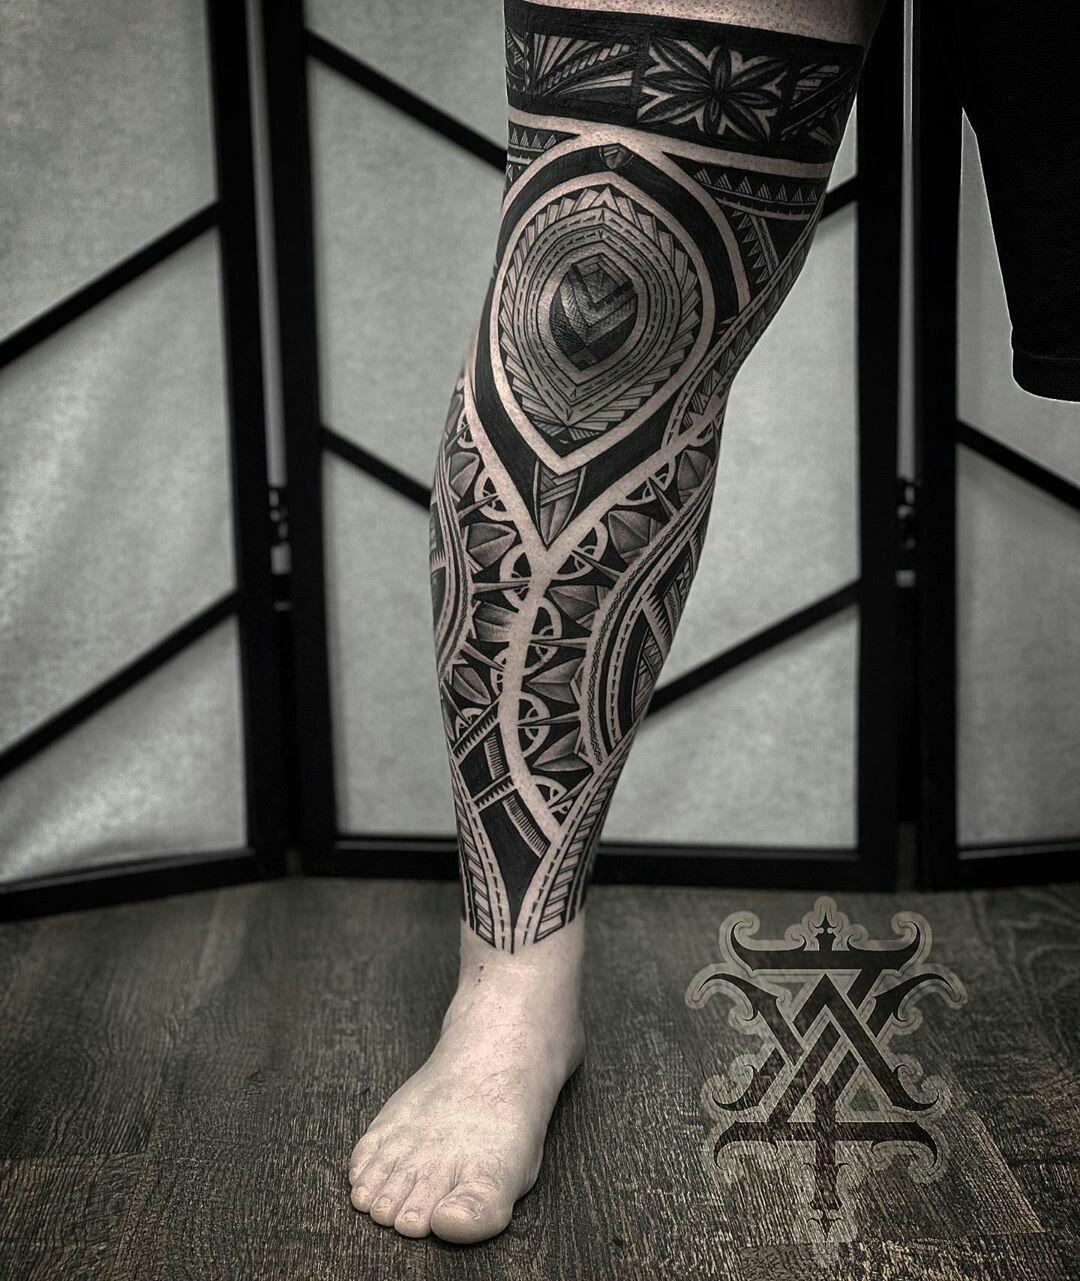 100+ Trendy Tribal Tattoo Ideas in 2020 Tribal tattoos